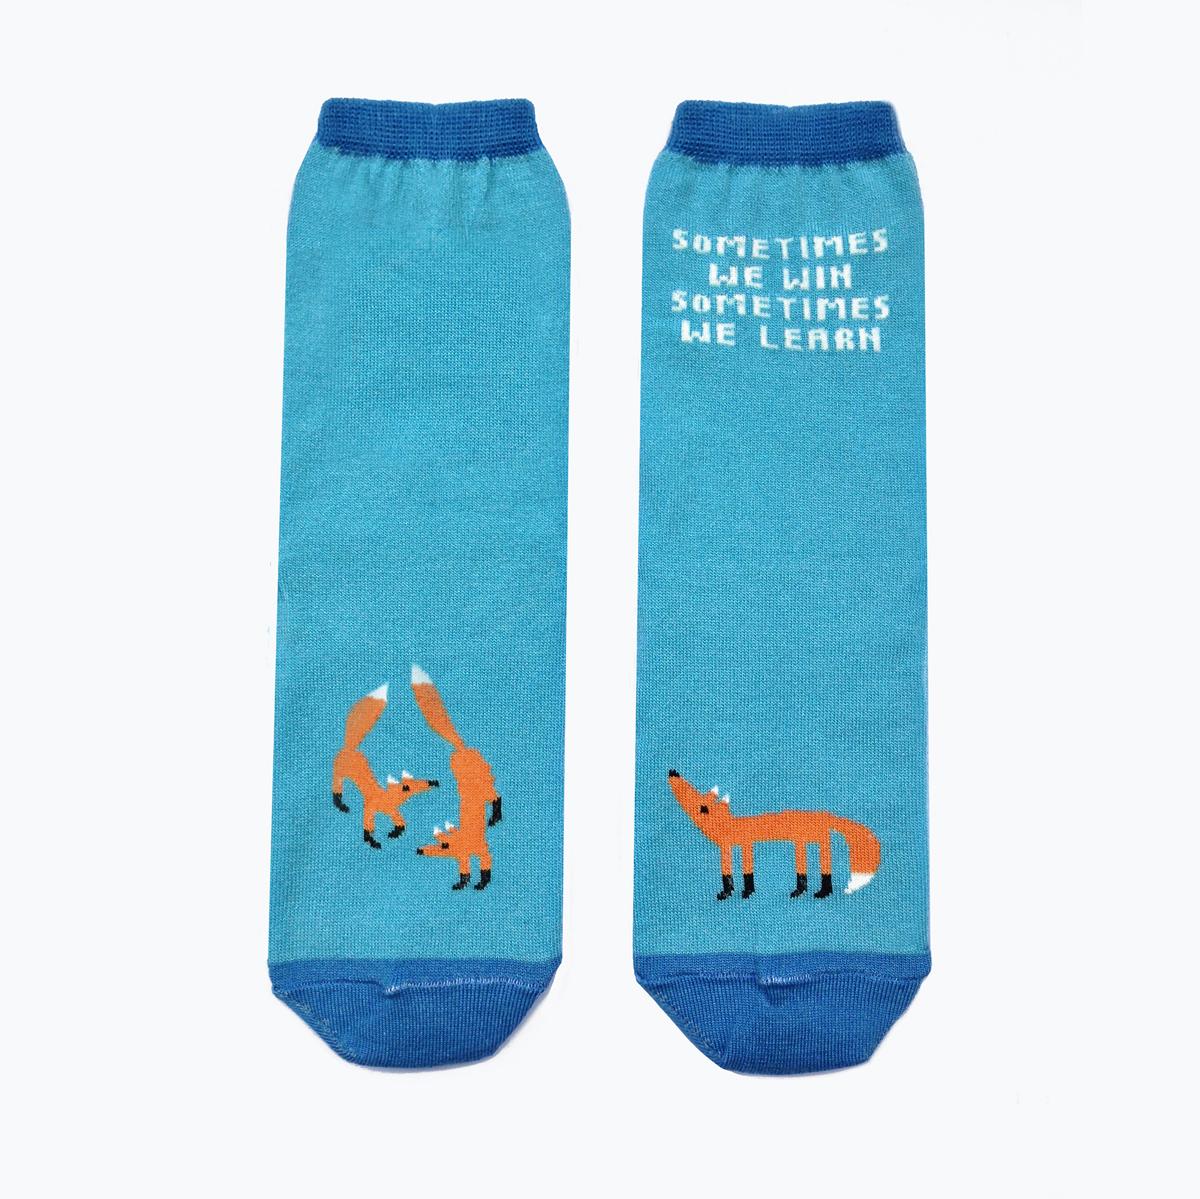 ca1131Мужские носки Big Bang Socks изготовлены из высококачественного хлопка с добавлением полиамидных и эластановых волокон, которые обеспечивают великолепную посадку. Носки отличаются ярким стильным дизайном, они оформлены изображением лисичек и надписью: Sometimes we win sometimes we learn. Удобная широкая резинка идеально облегает ногу и не пережимает сосуды, усиленные пятка и мысок повышают износоустойчивость носка, а удлиненный паголенок придает более эстетичный вид. Дизайнерские носки Big Bang Socks - яркая деталь в вашем образе и оригинальный подарок для друзей и близких.